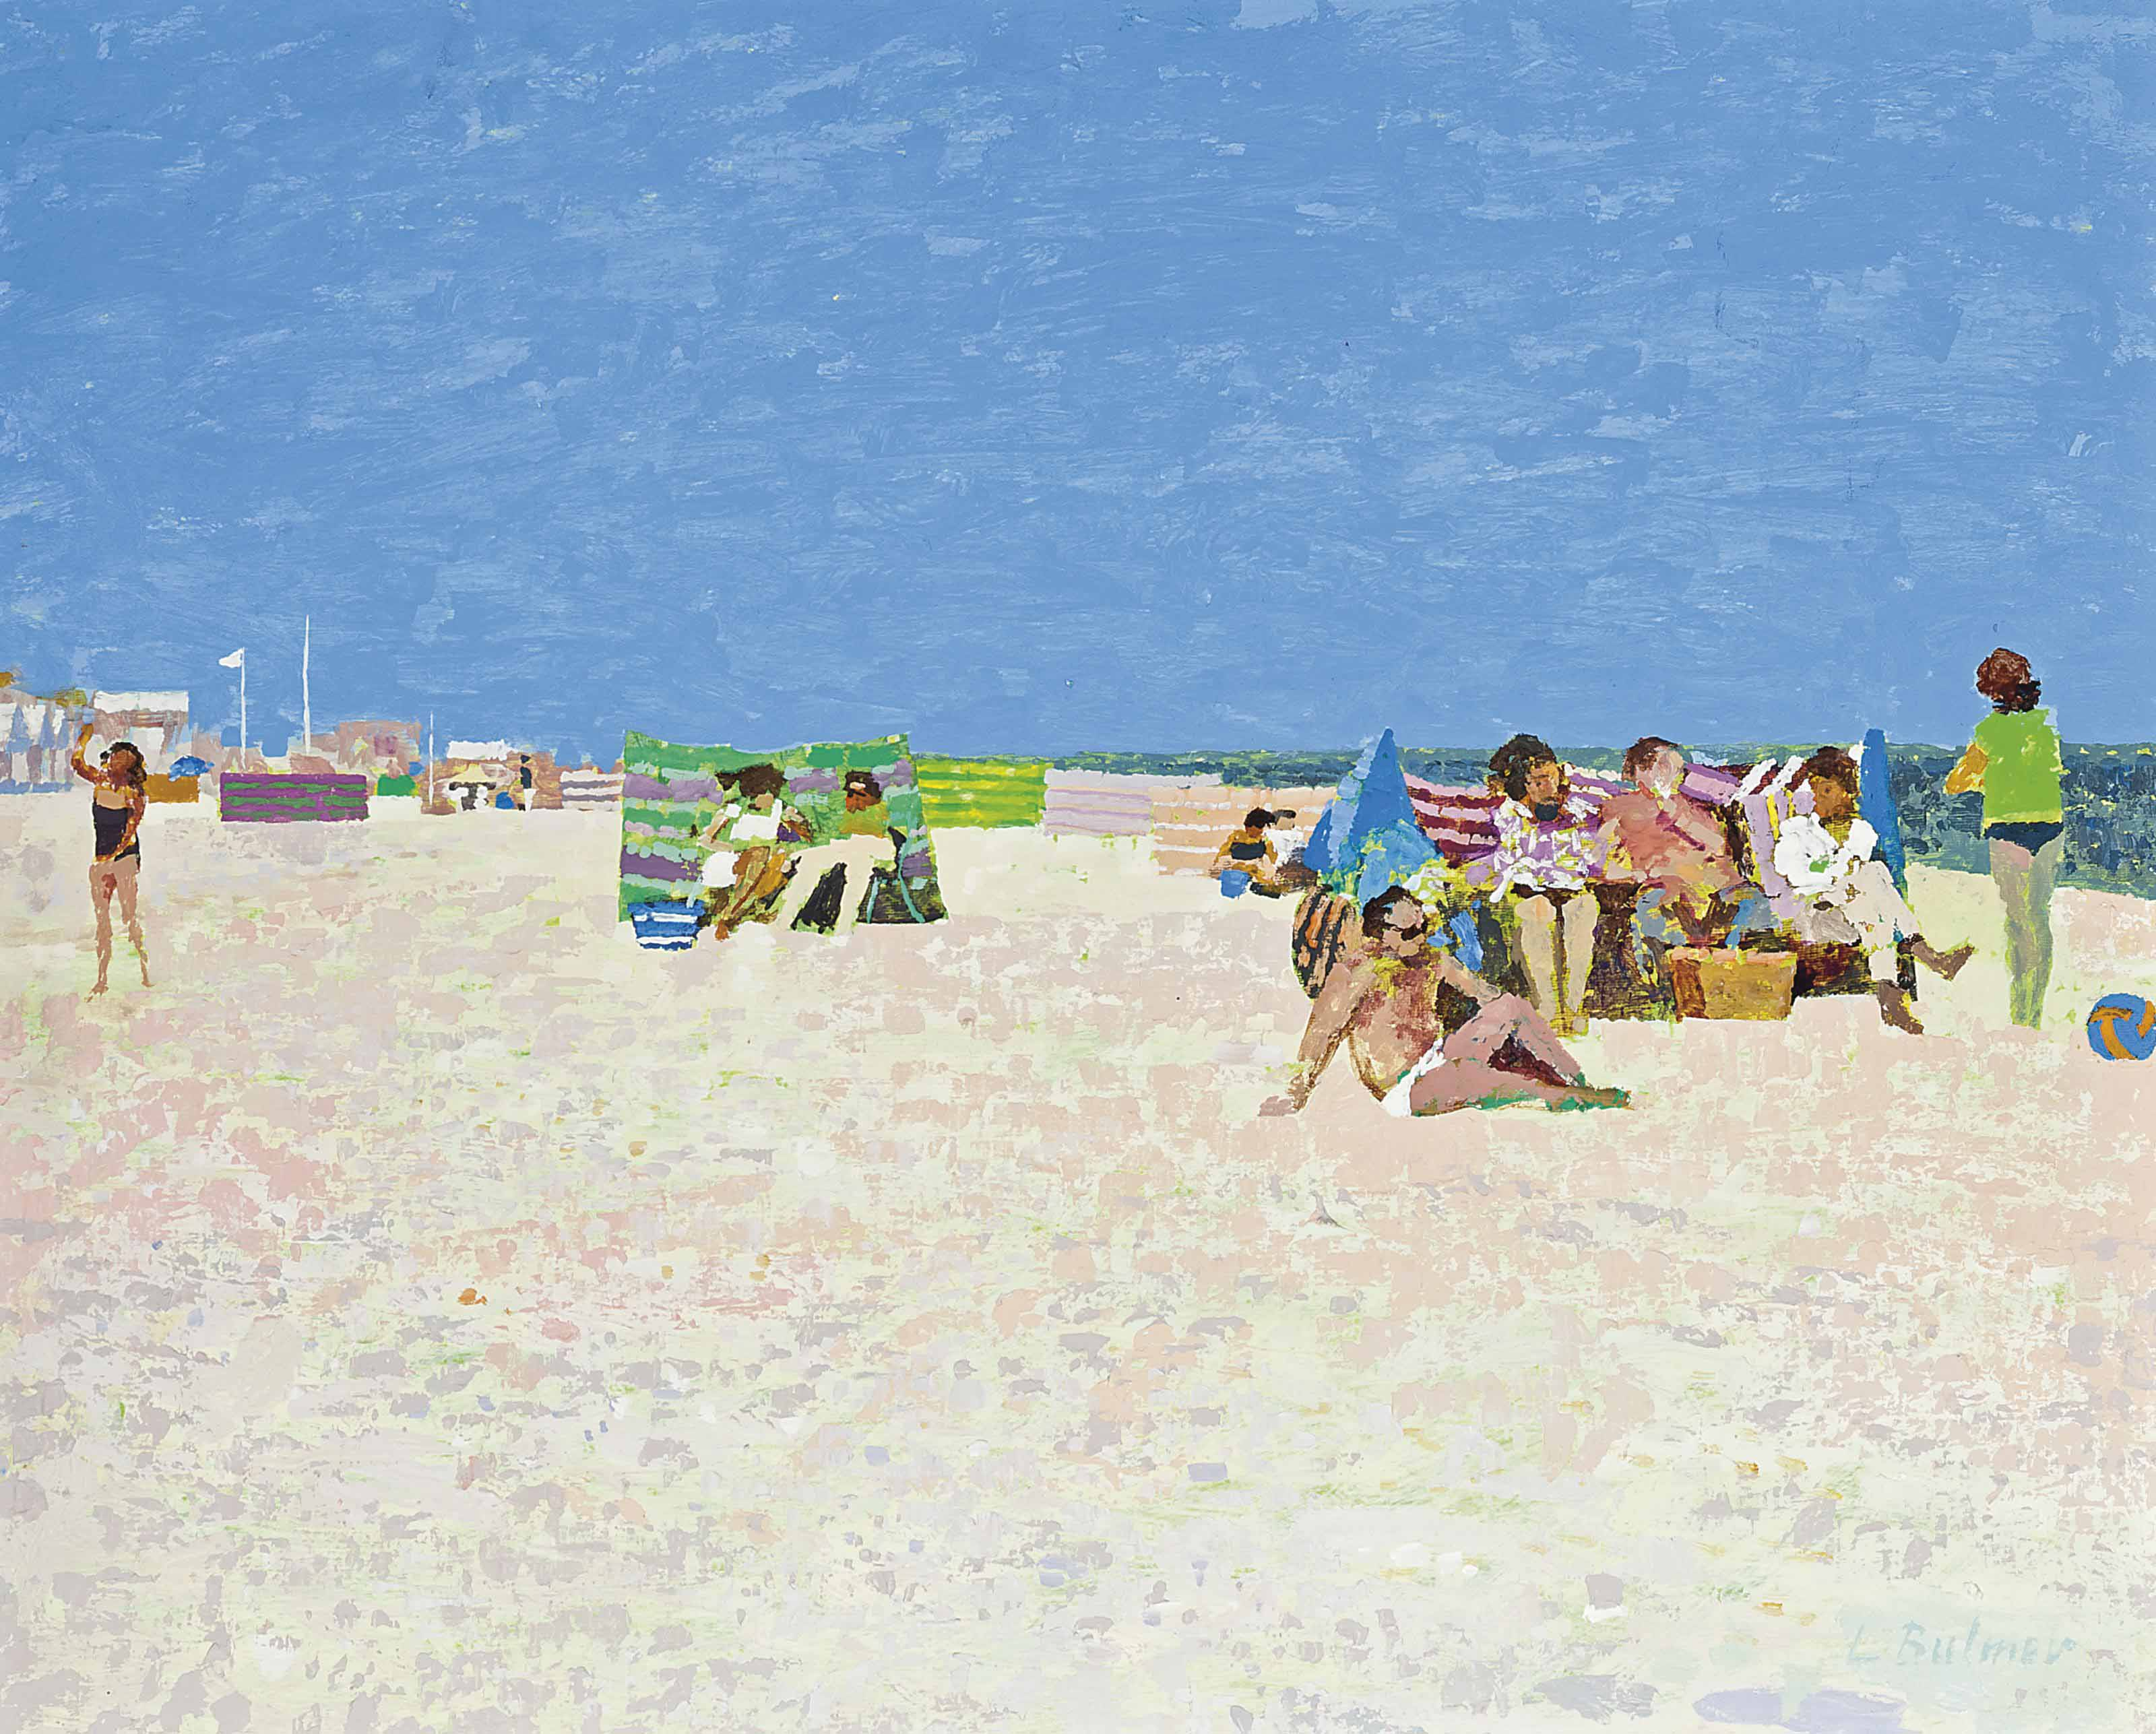 Windbreaks on the beach